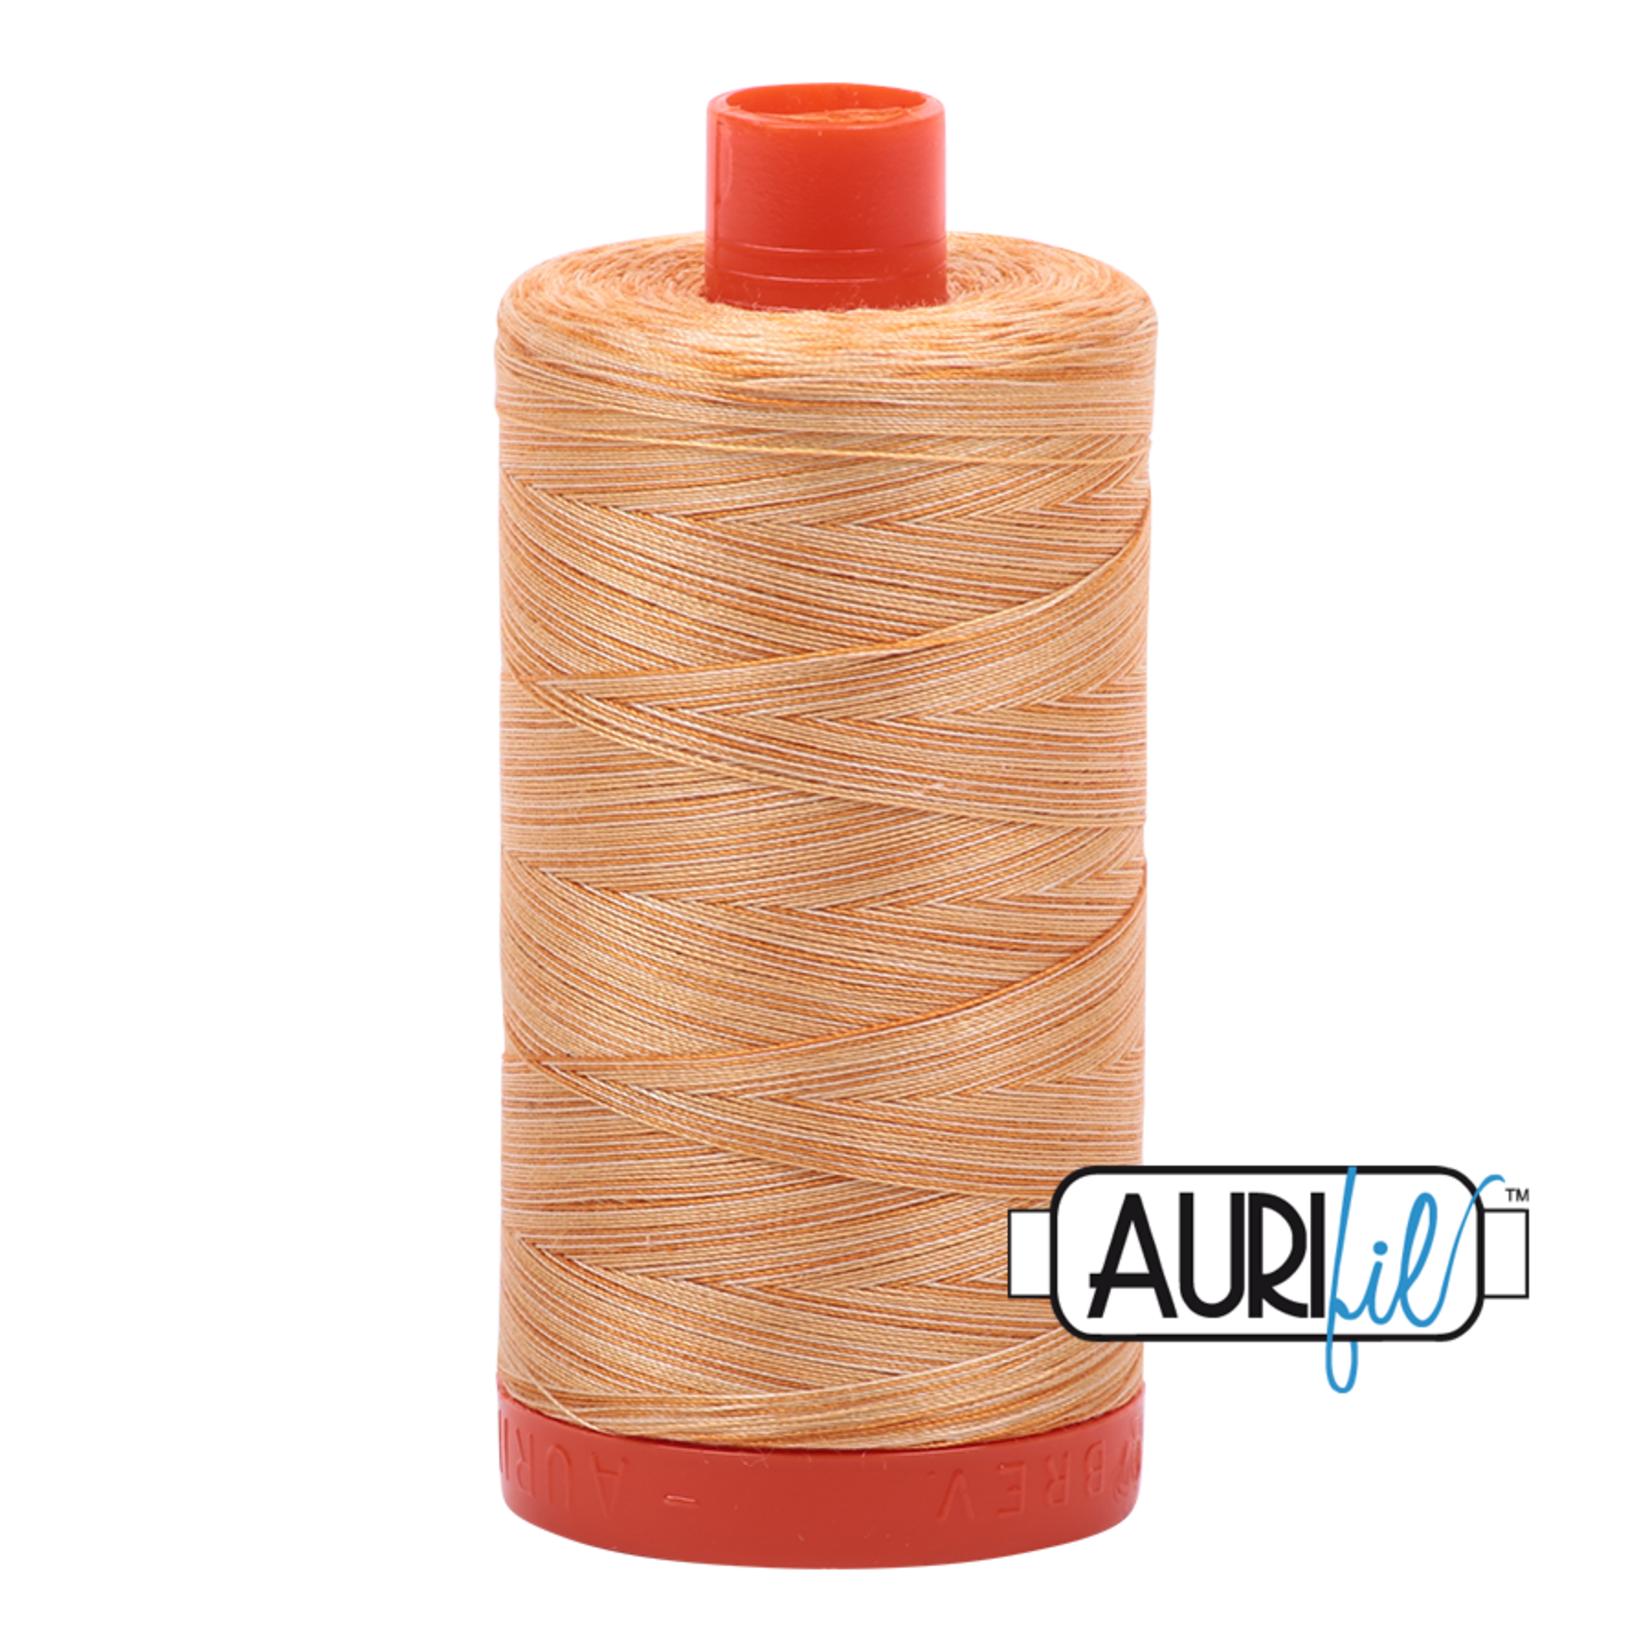 AURIFIL AURIFIL 50 WT Creme Brule 4150